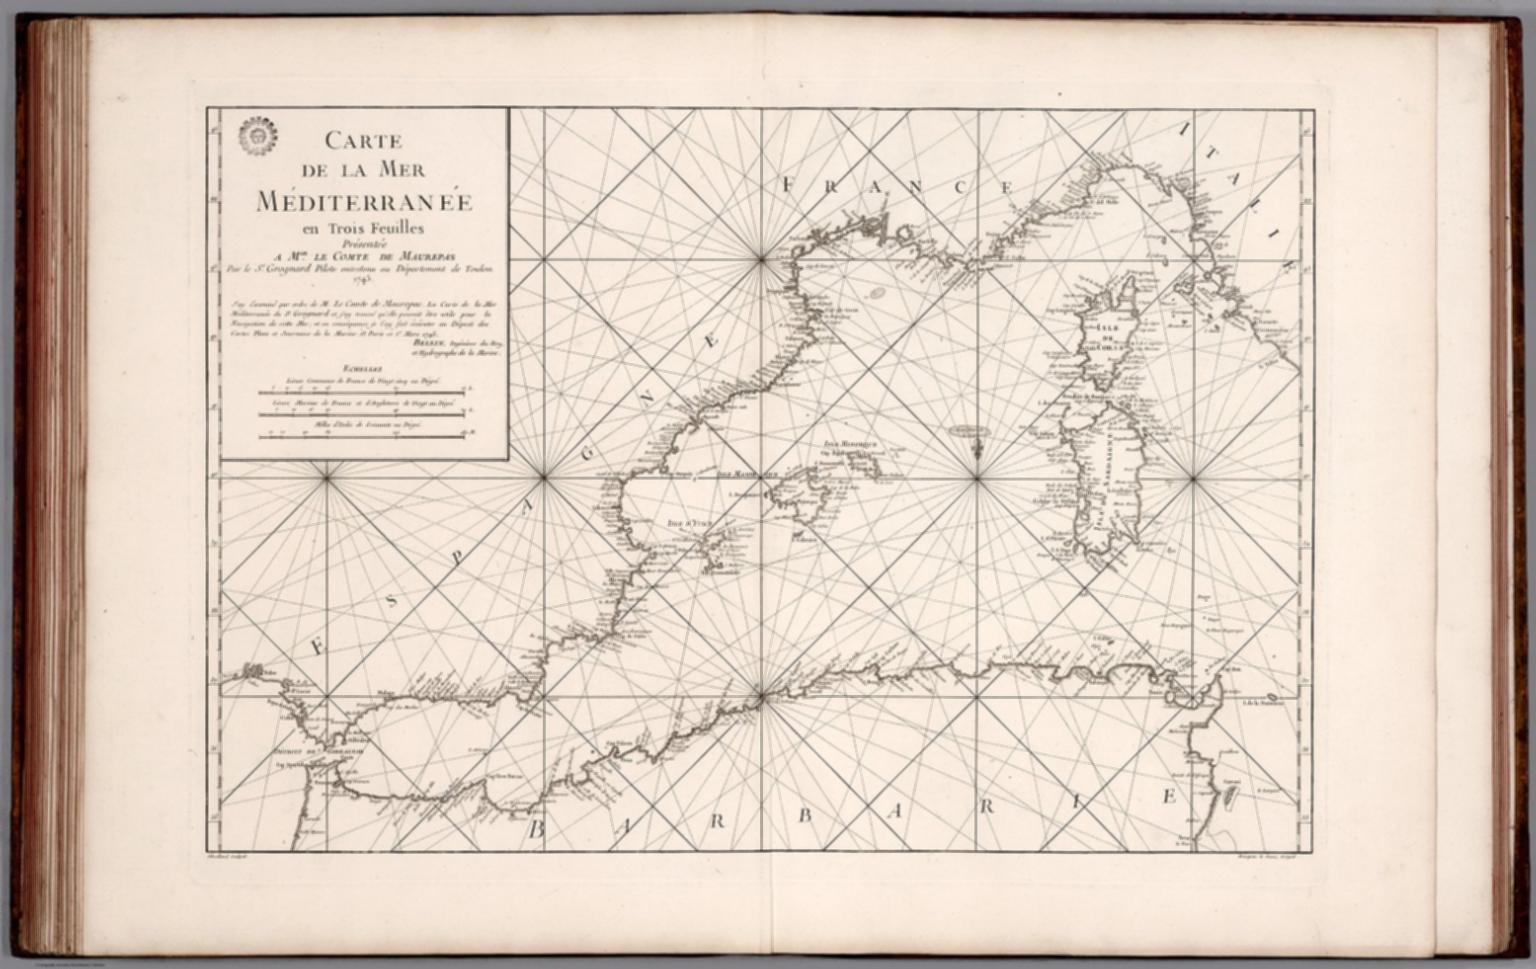 Carte de la Mer Mediterranee en Trois Feuilles (western sheet).